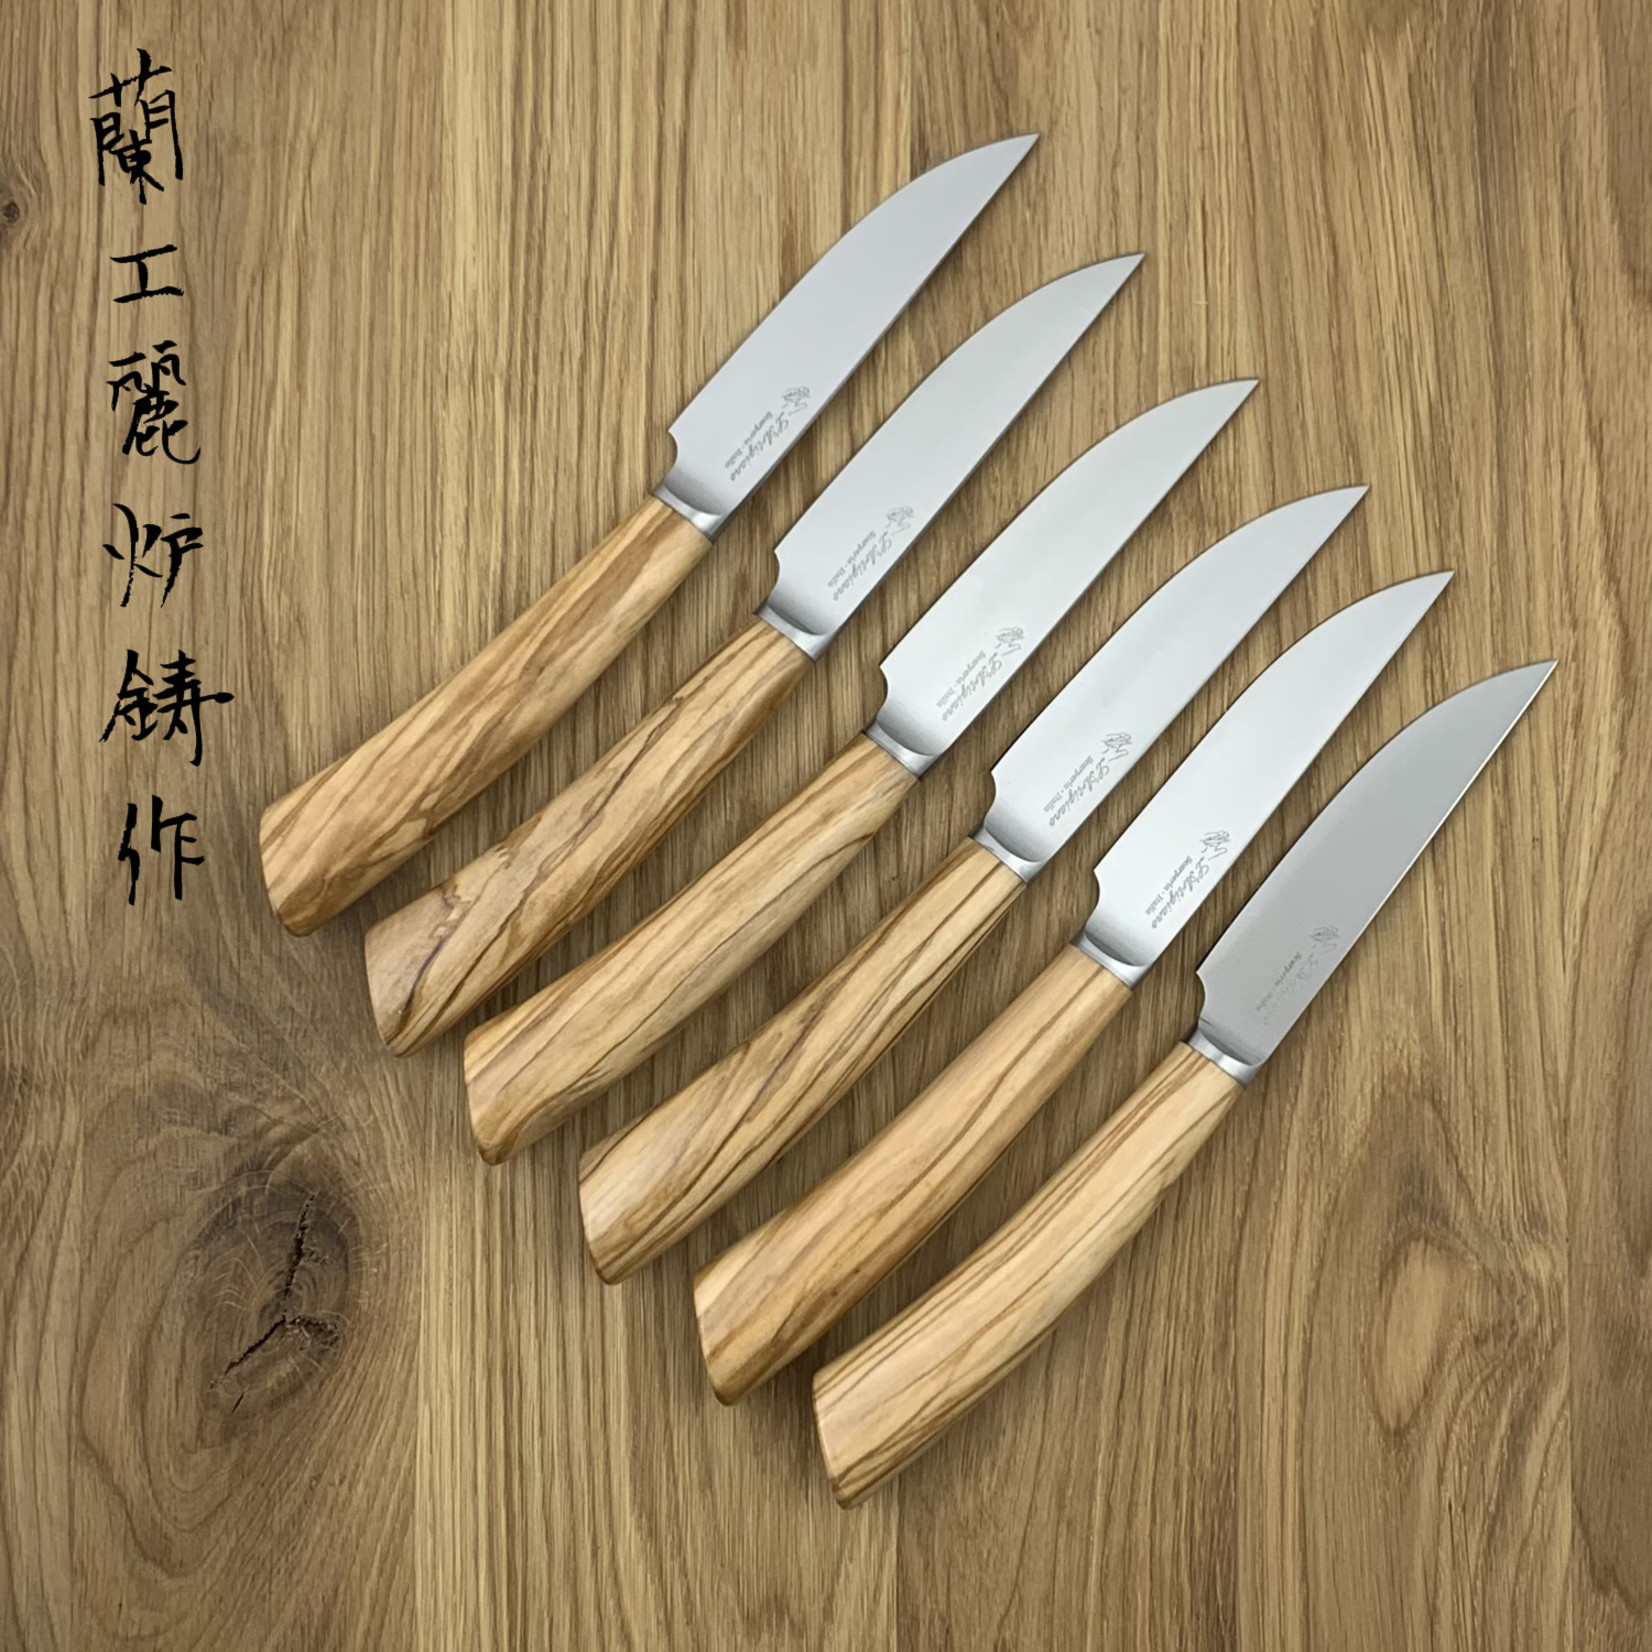 L'ARTIGIANO SCARPERIA Rustico steak knives set olive (6 items)